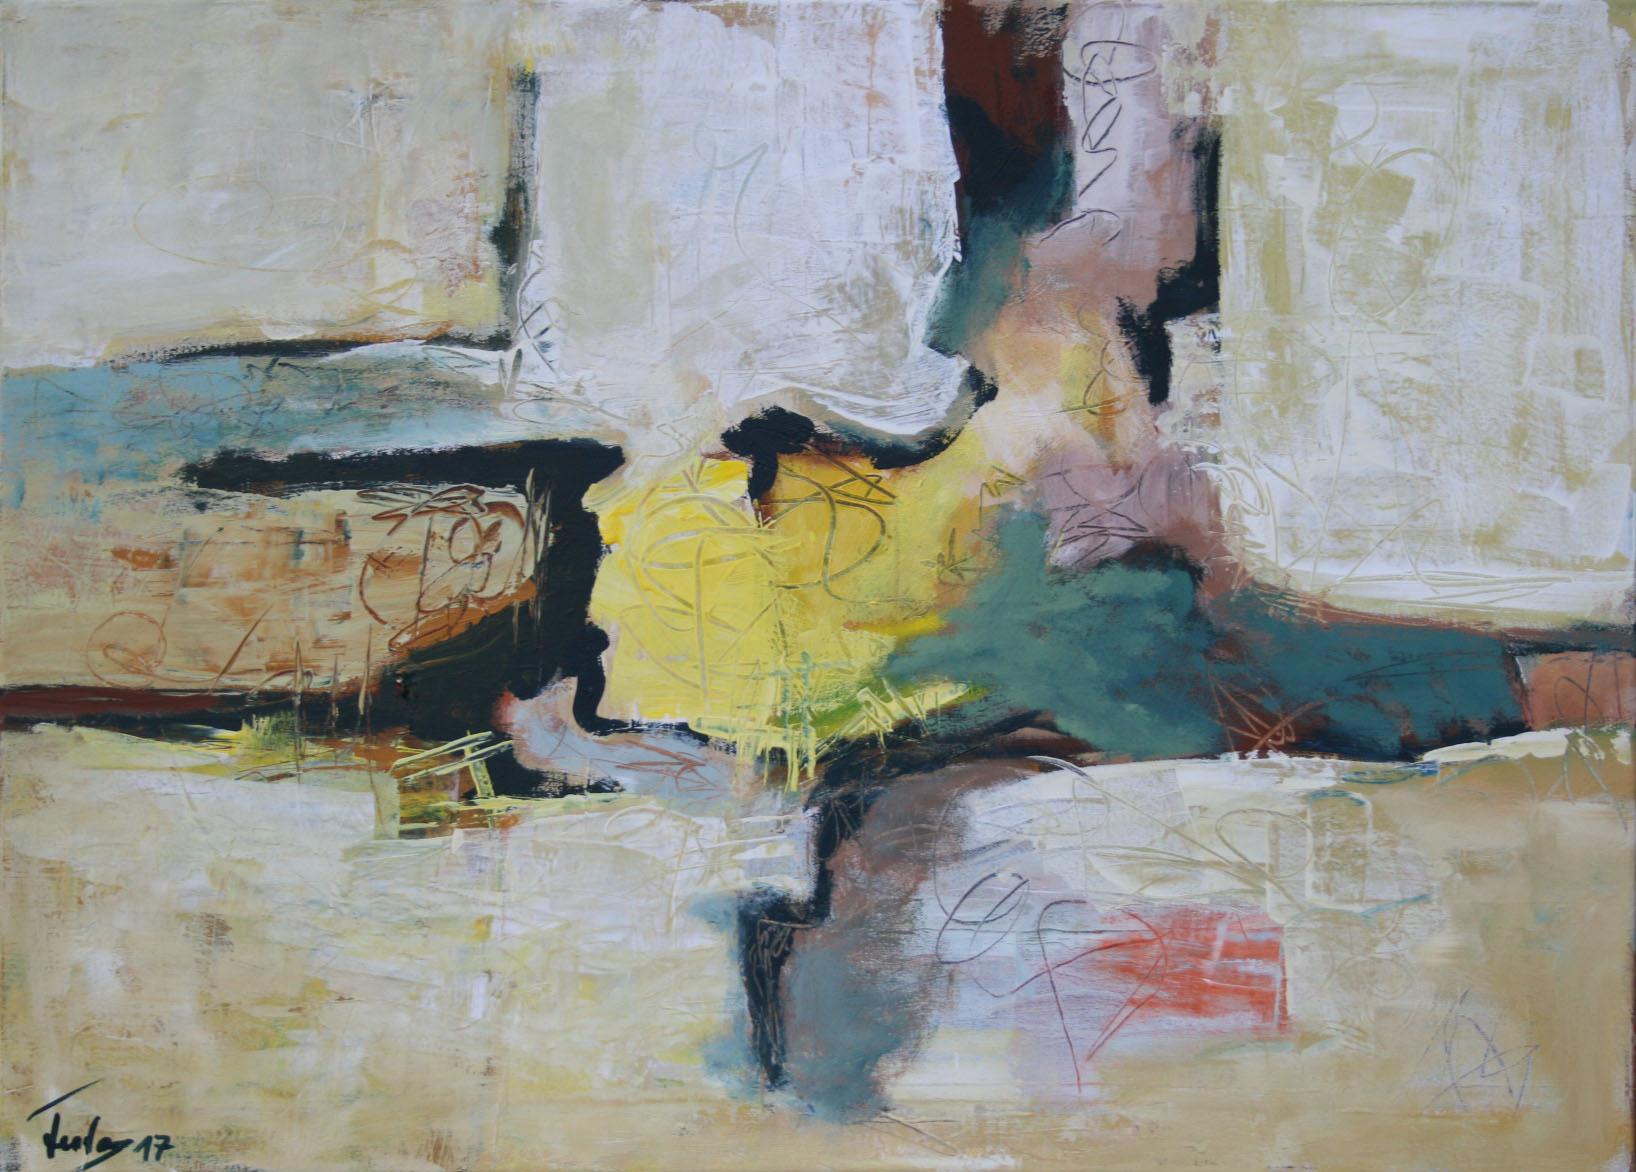 Fast Frühlimg, Öl und Acryl auf Leinwand, 65 x 90 cm